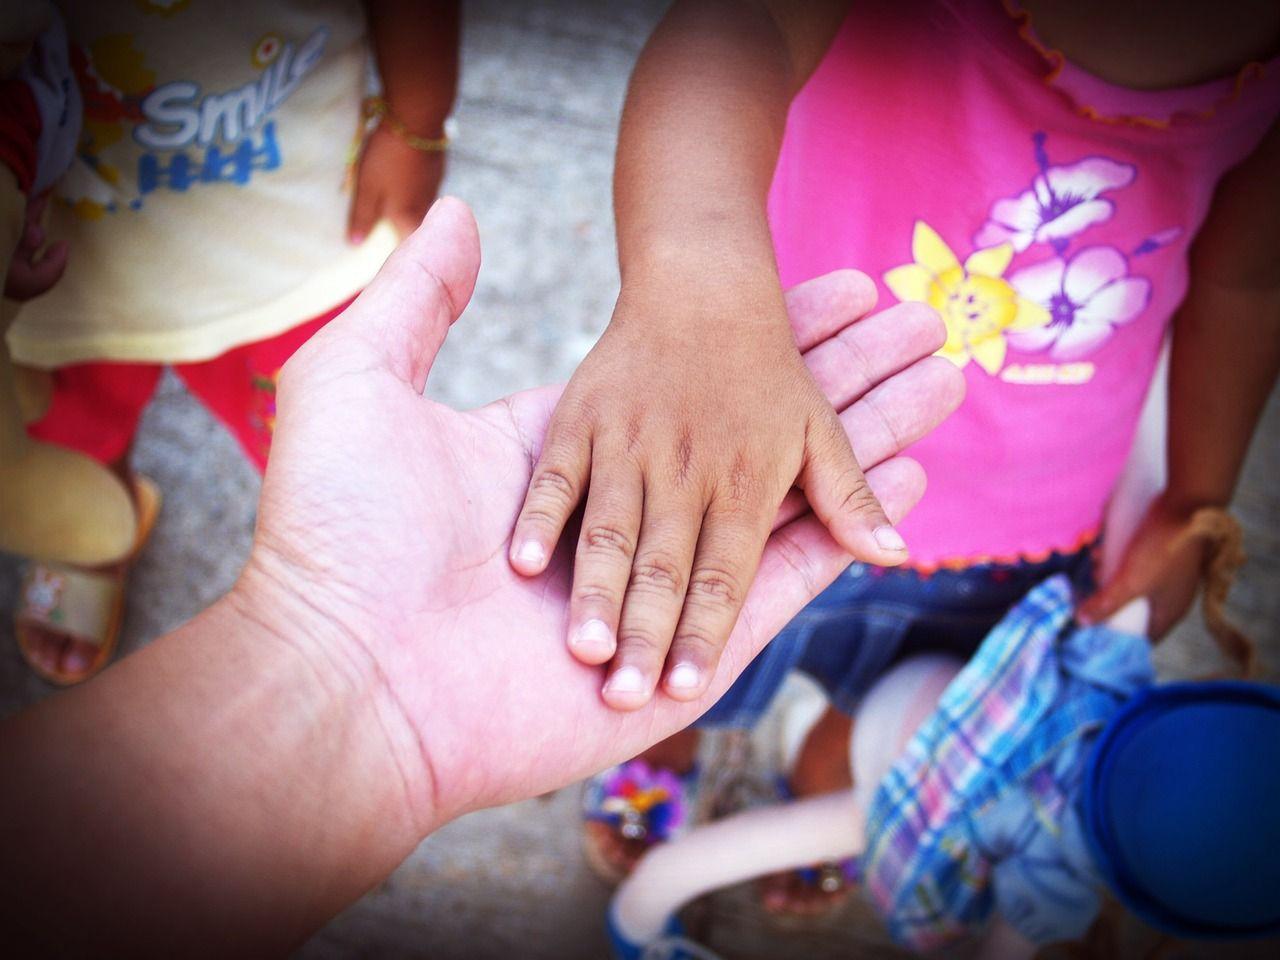 Alloggio gratis per i bambini malati di cancro: la generosità di un macellaio del Cairo